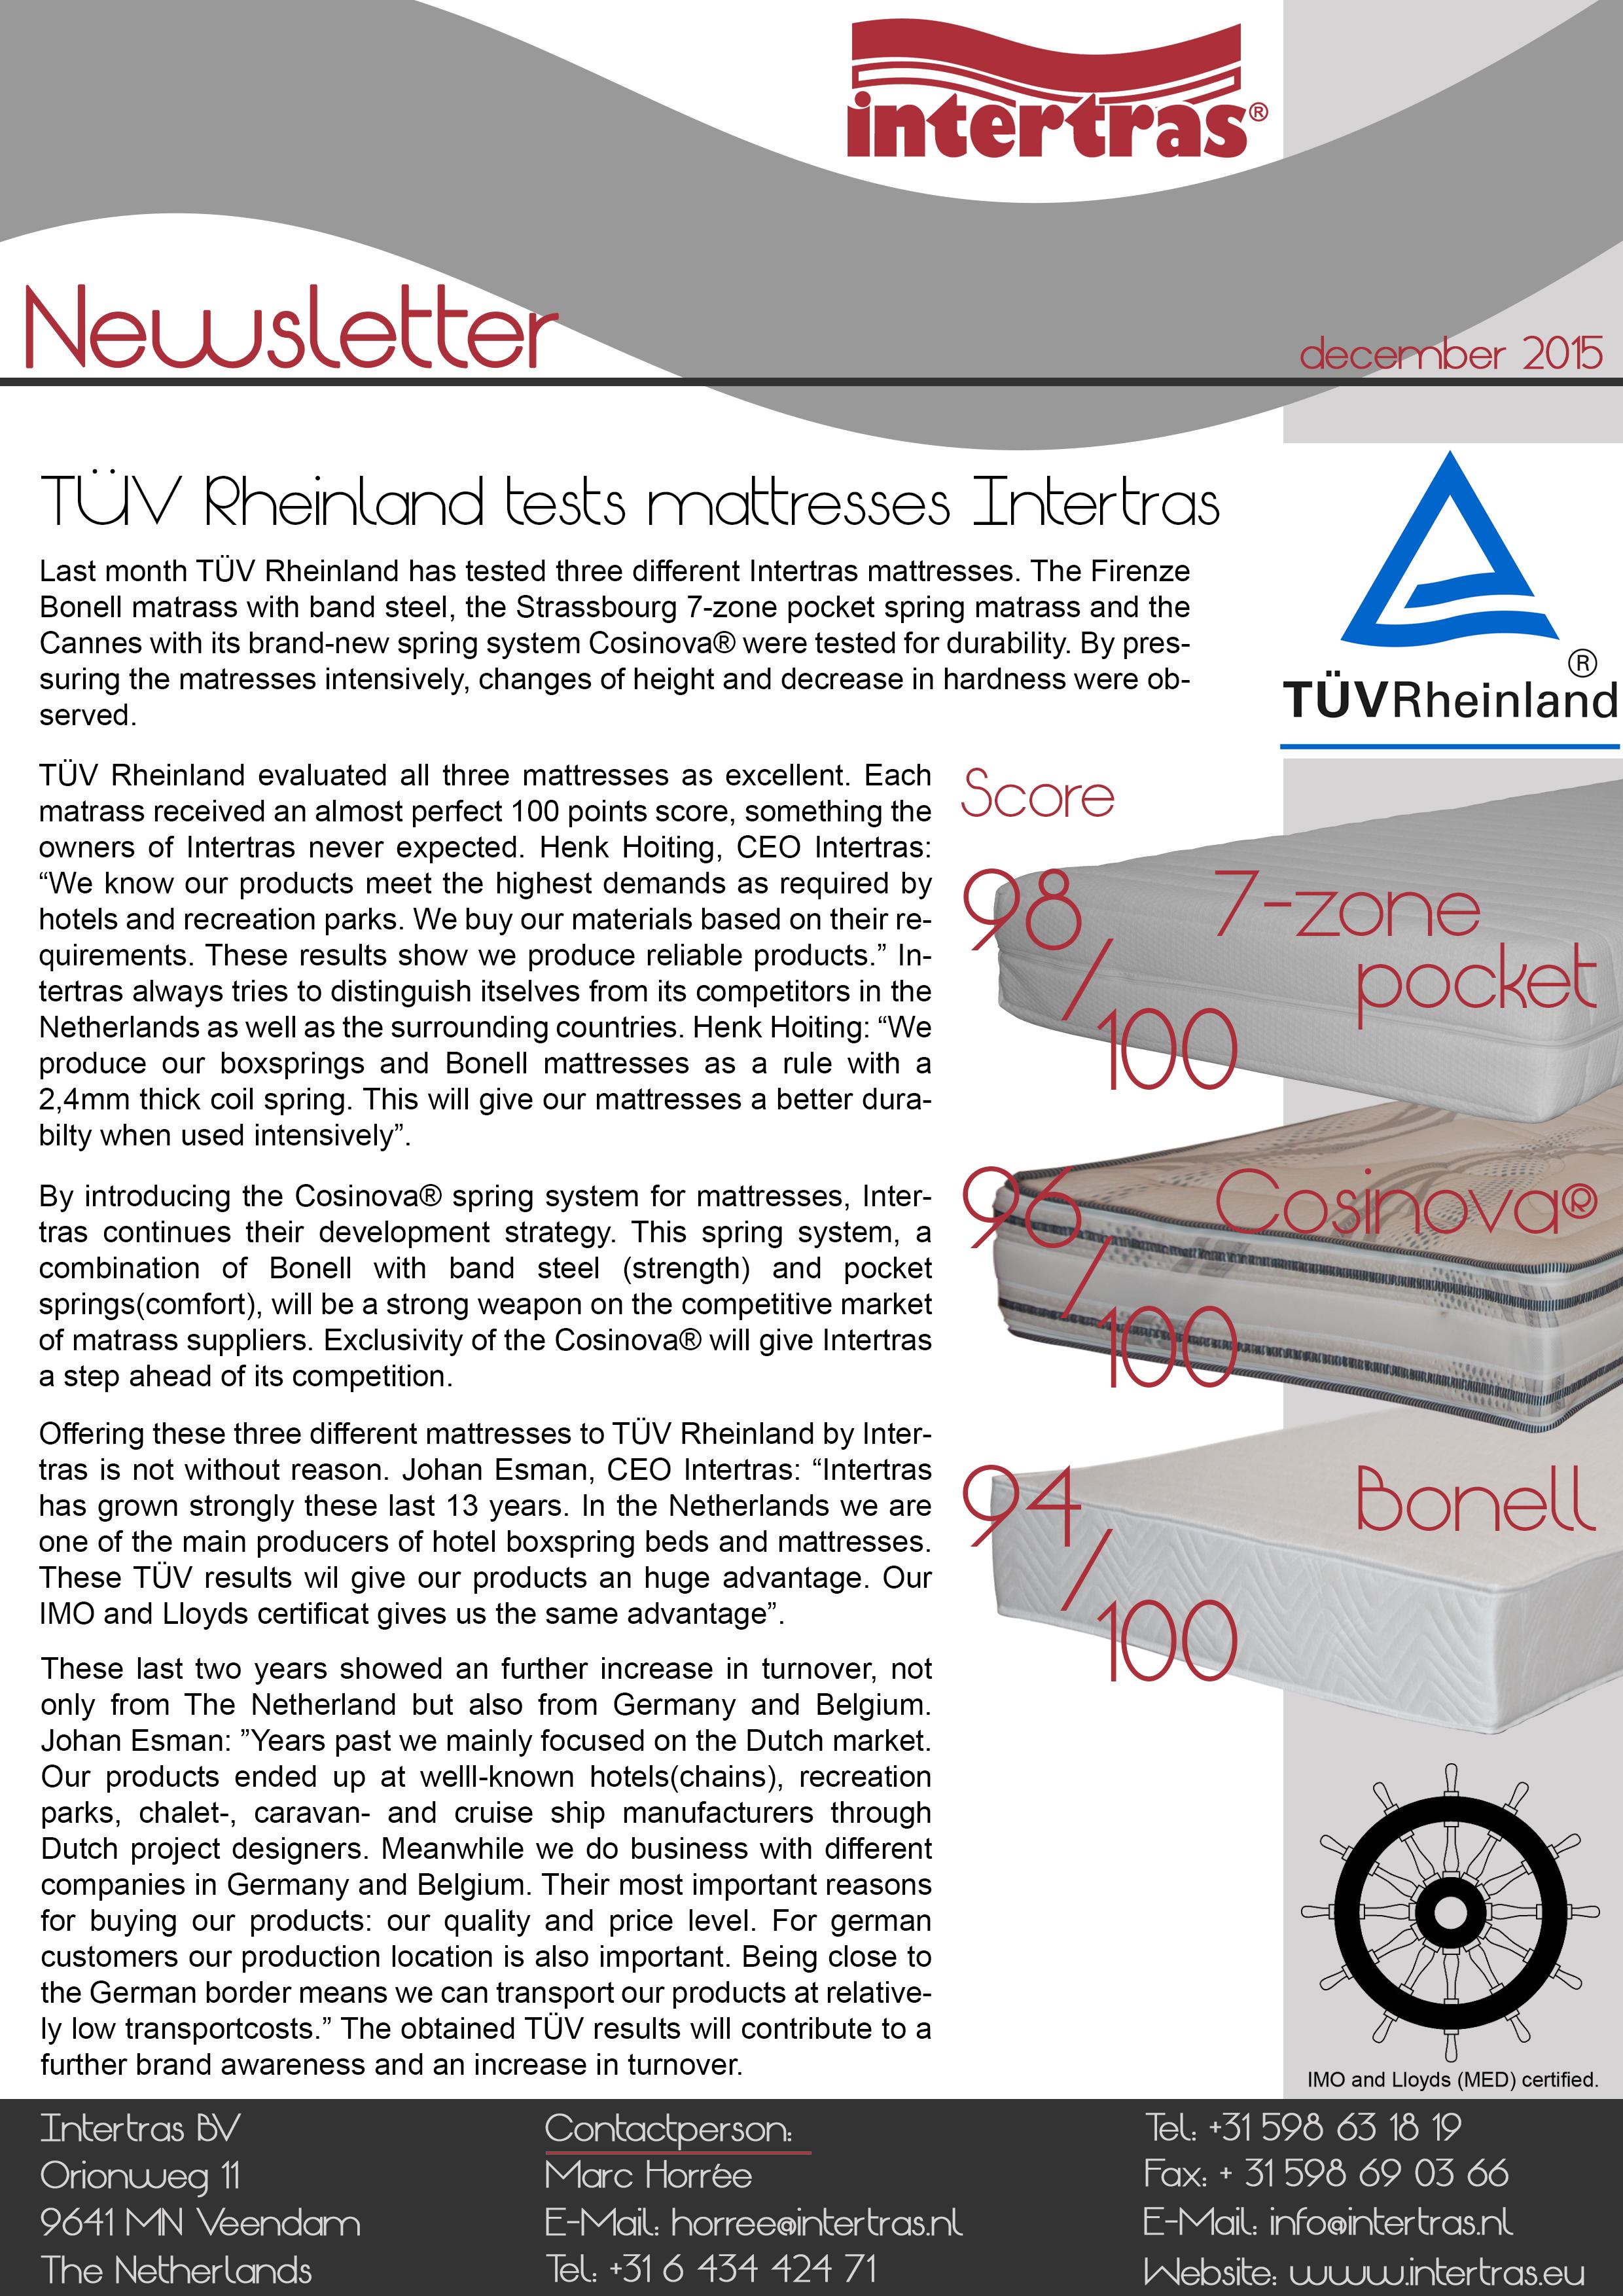 Intertras newsletter november 2015